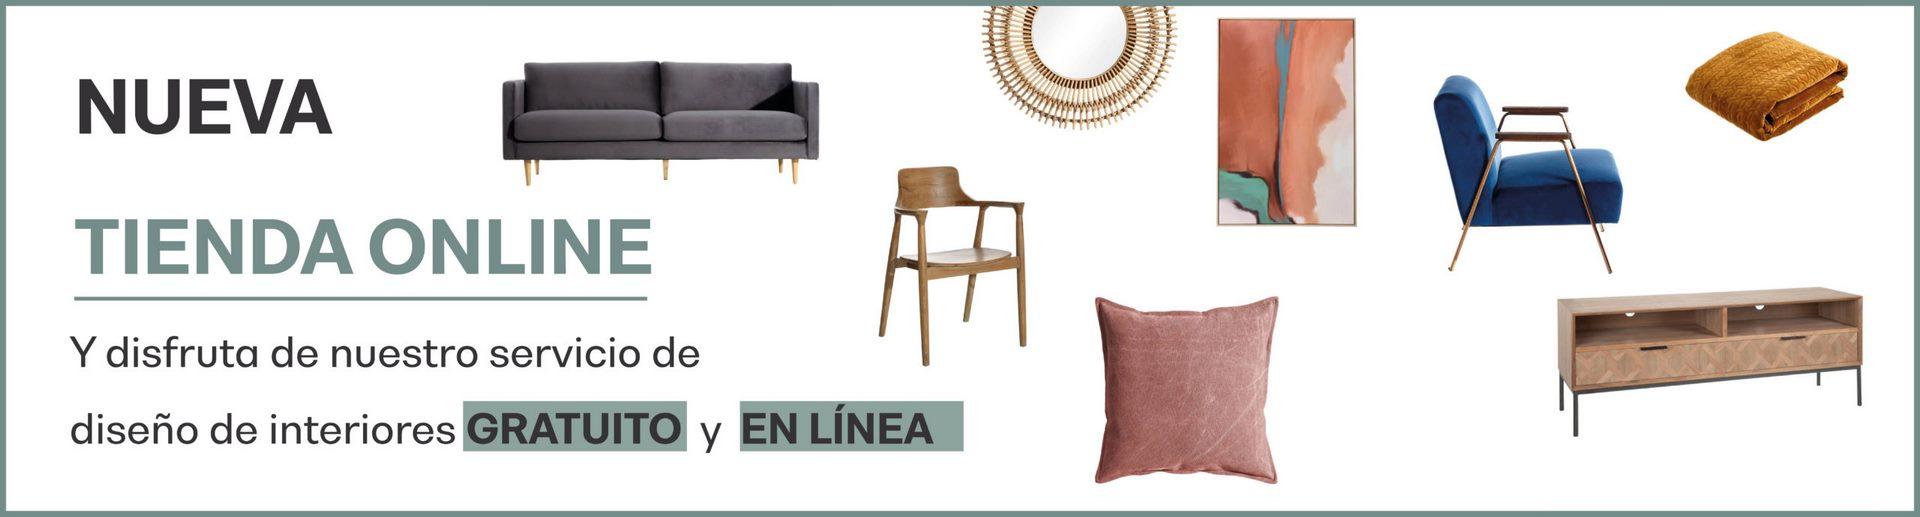 Tienda online muebles de diseño